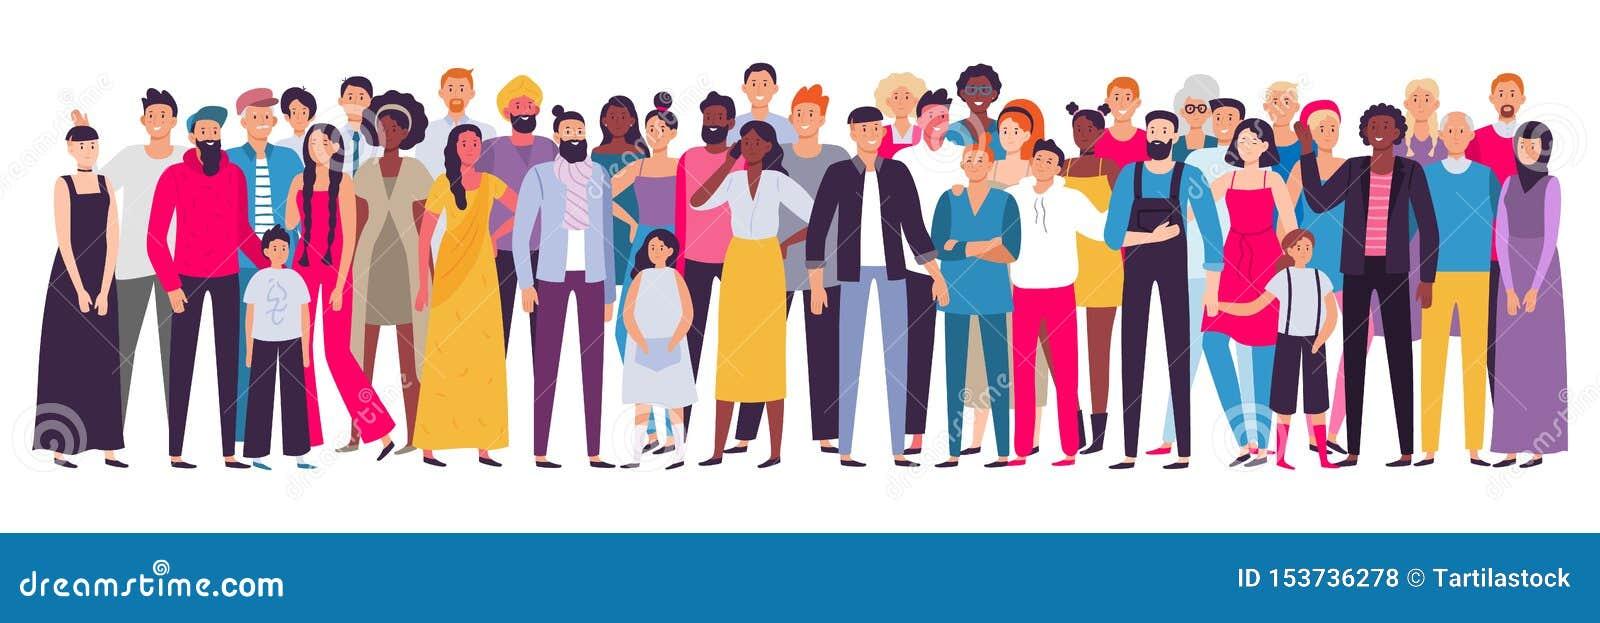 Многонациональная группа людей Общество, многокультурный портрет общины и граждане Детеныши, взрослый и старшие люди